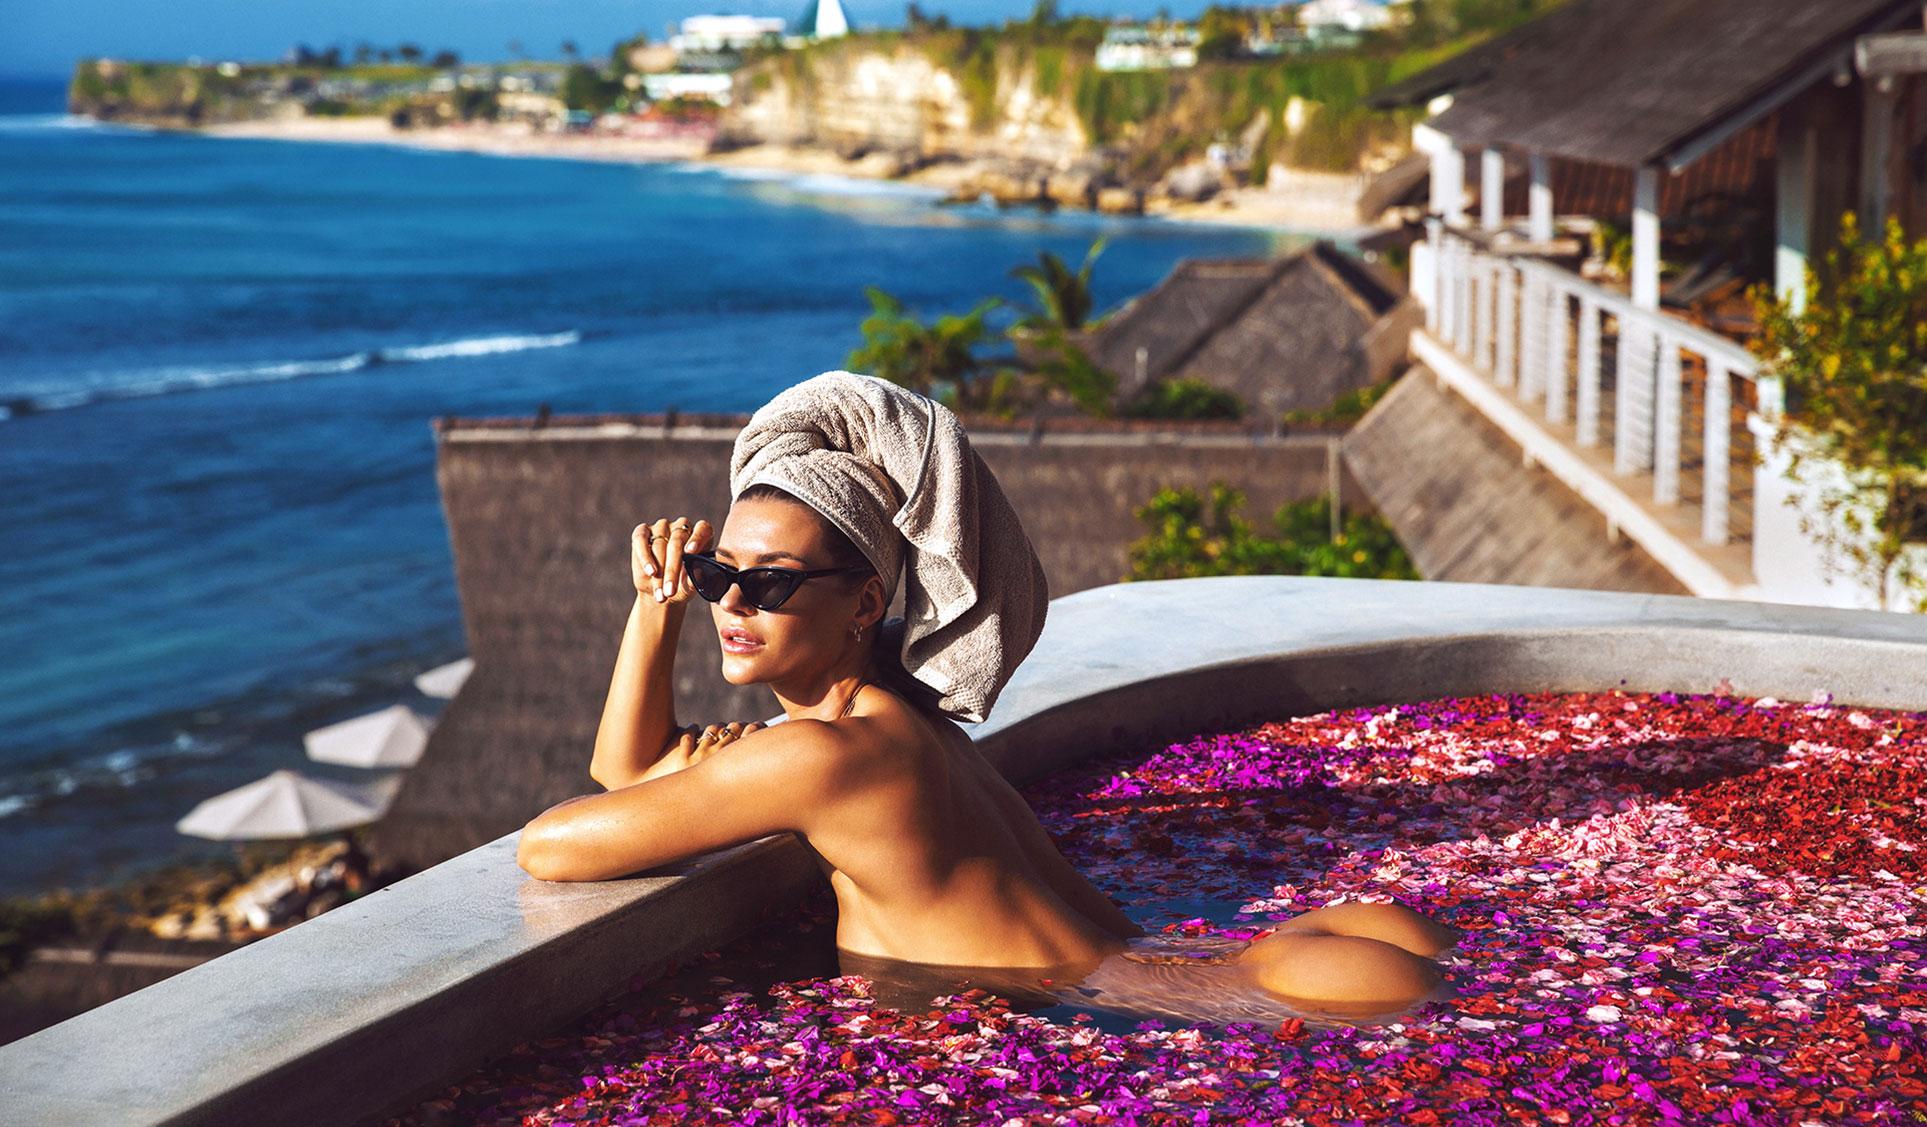 Сексуальная голая девушка в бассейне, заполненном лепестками роз в отеле с шикарным видом на острове Бали / фото 01